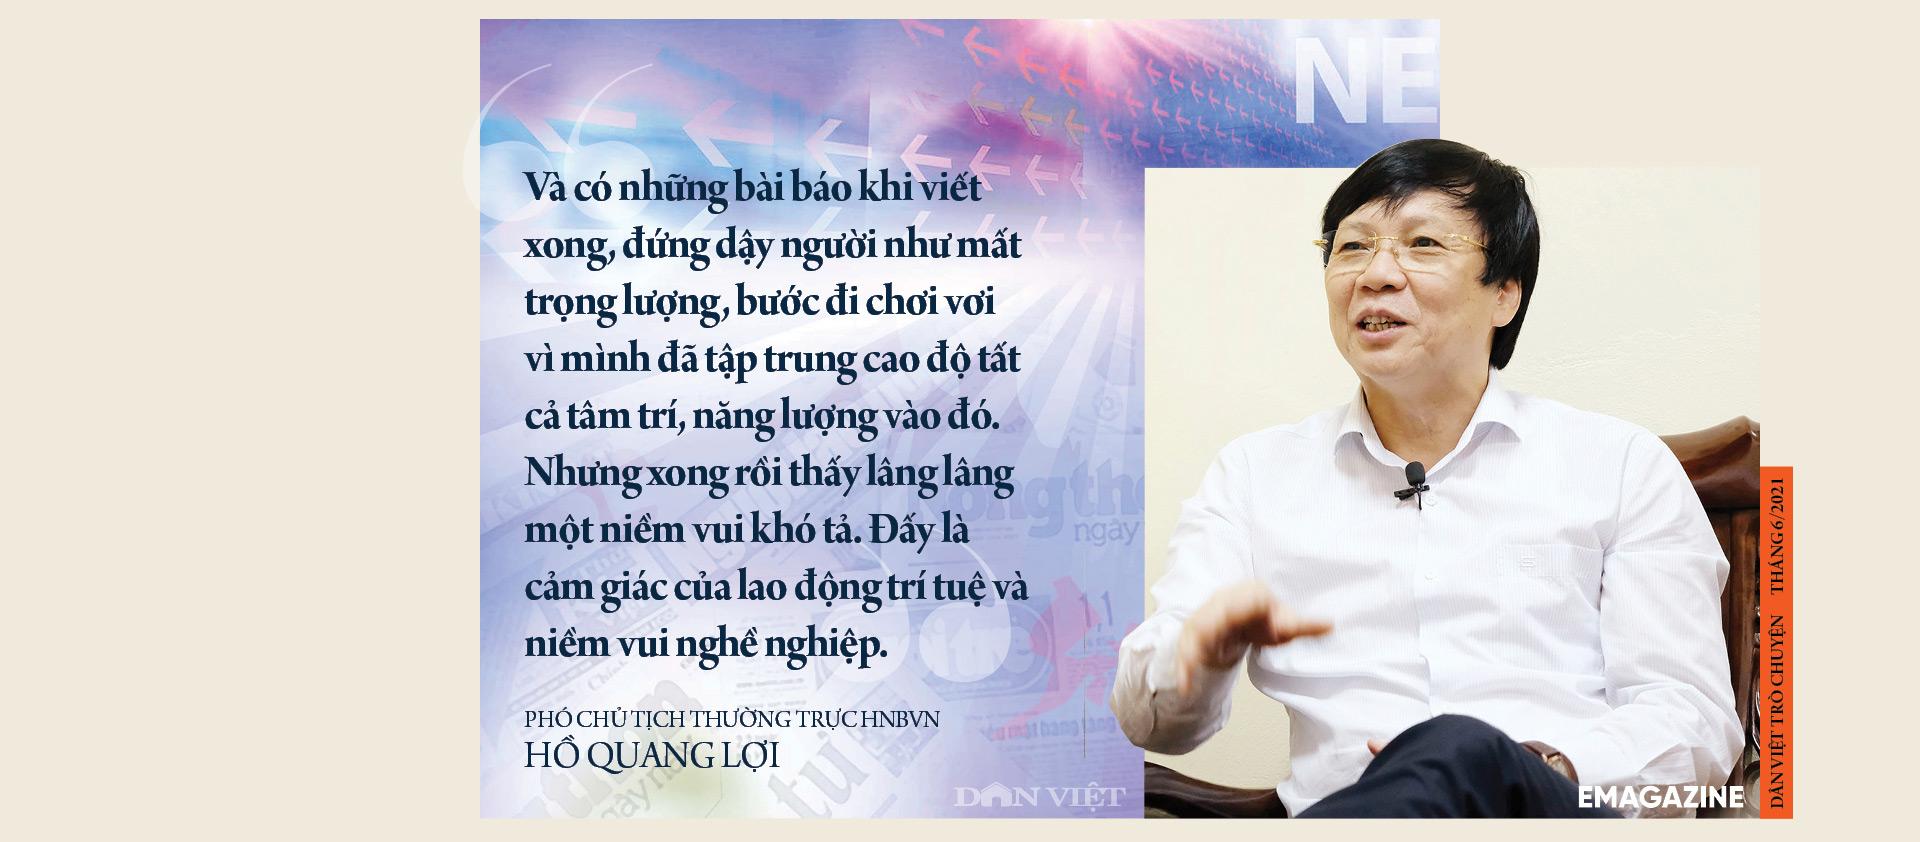 Nhà báo Hồ Quang Lợi: Dù công nghệ thay đổi ra sao, mấu chốt nghề báo vẫn là vì công lý và sự thật - Ảnh 8.